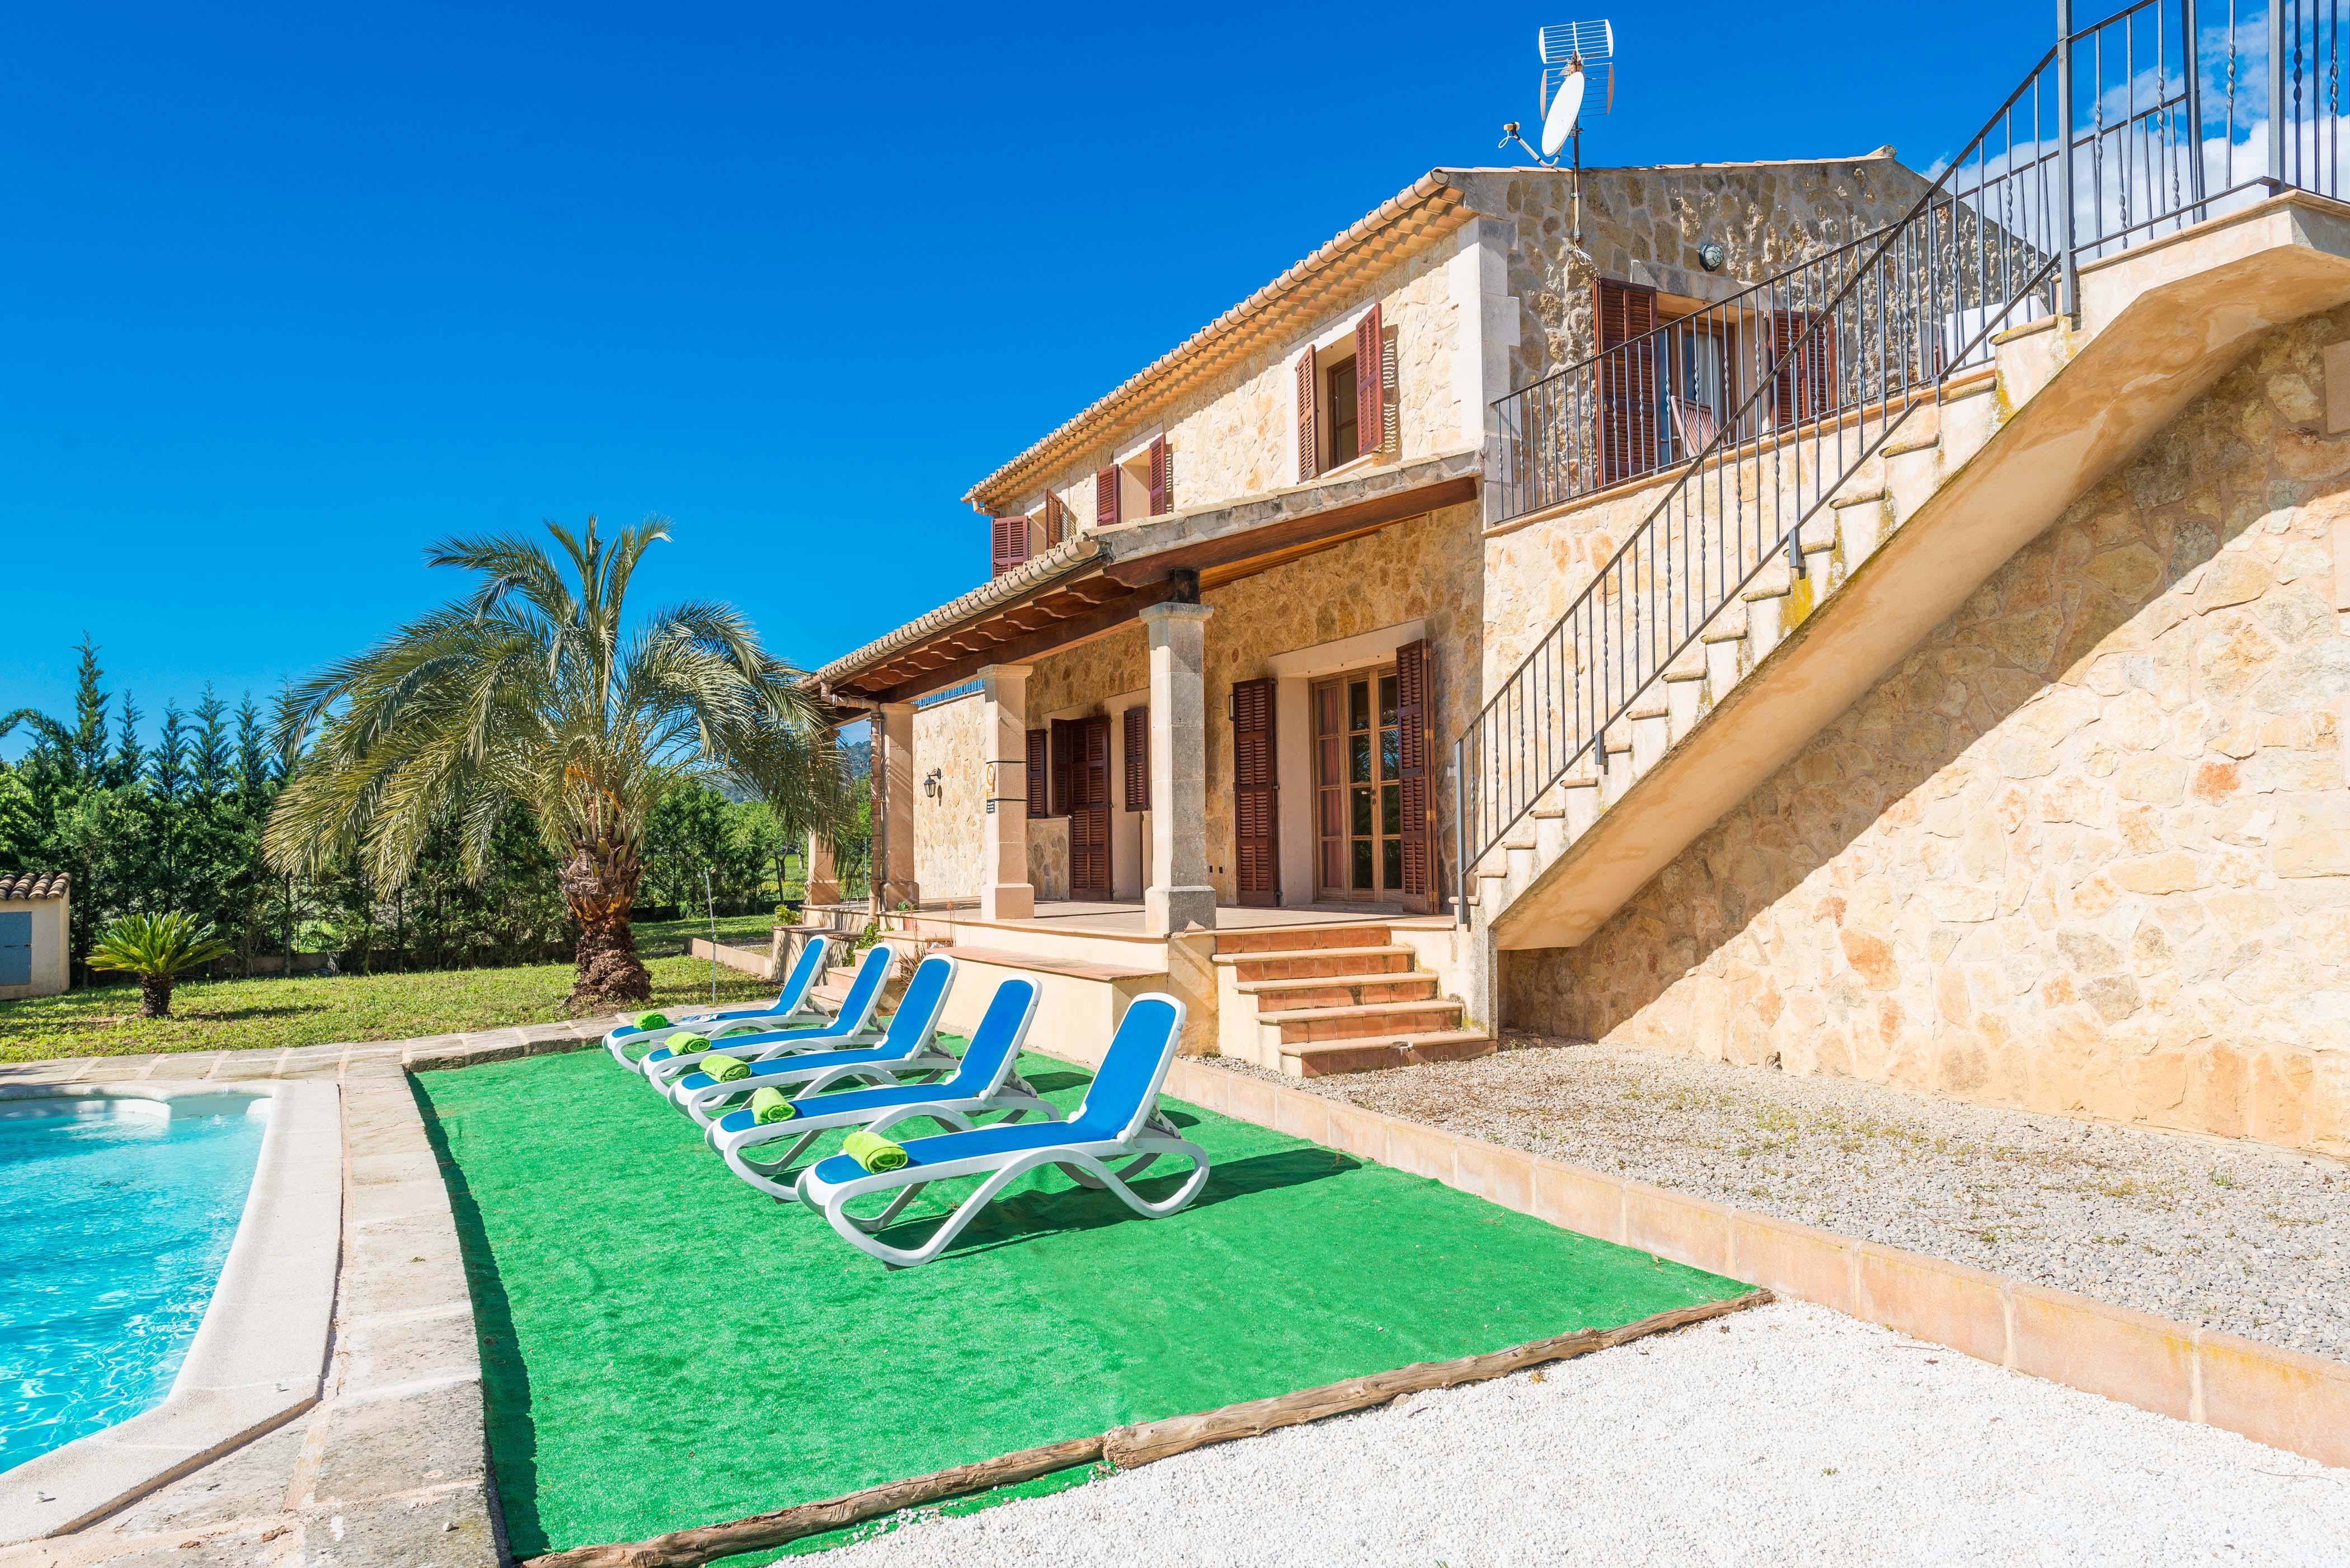 Ferienhaus BONA VIDA (1956241), Selva (ES), Mallorca, Balearische Inseln, Spanien, Bild 9